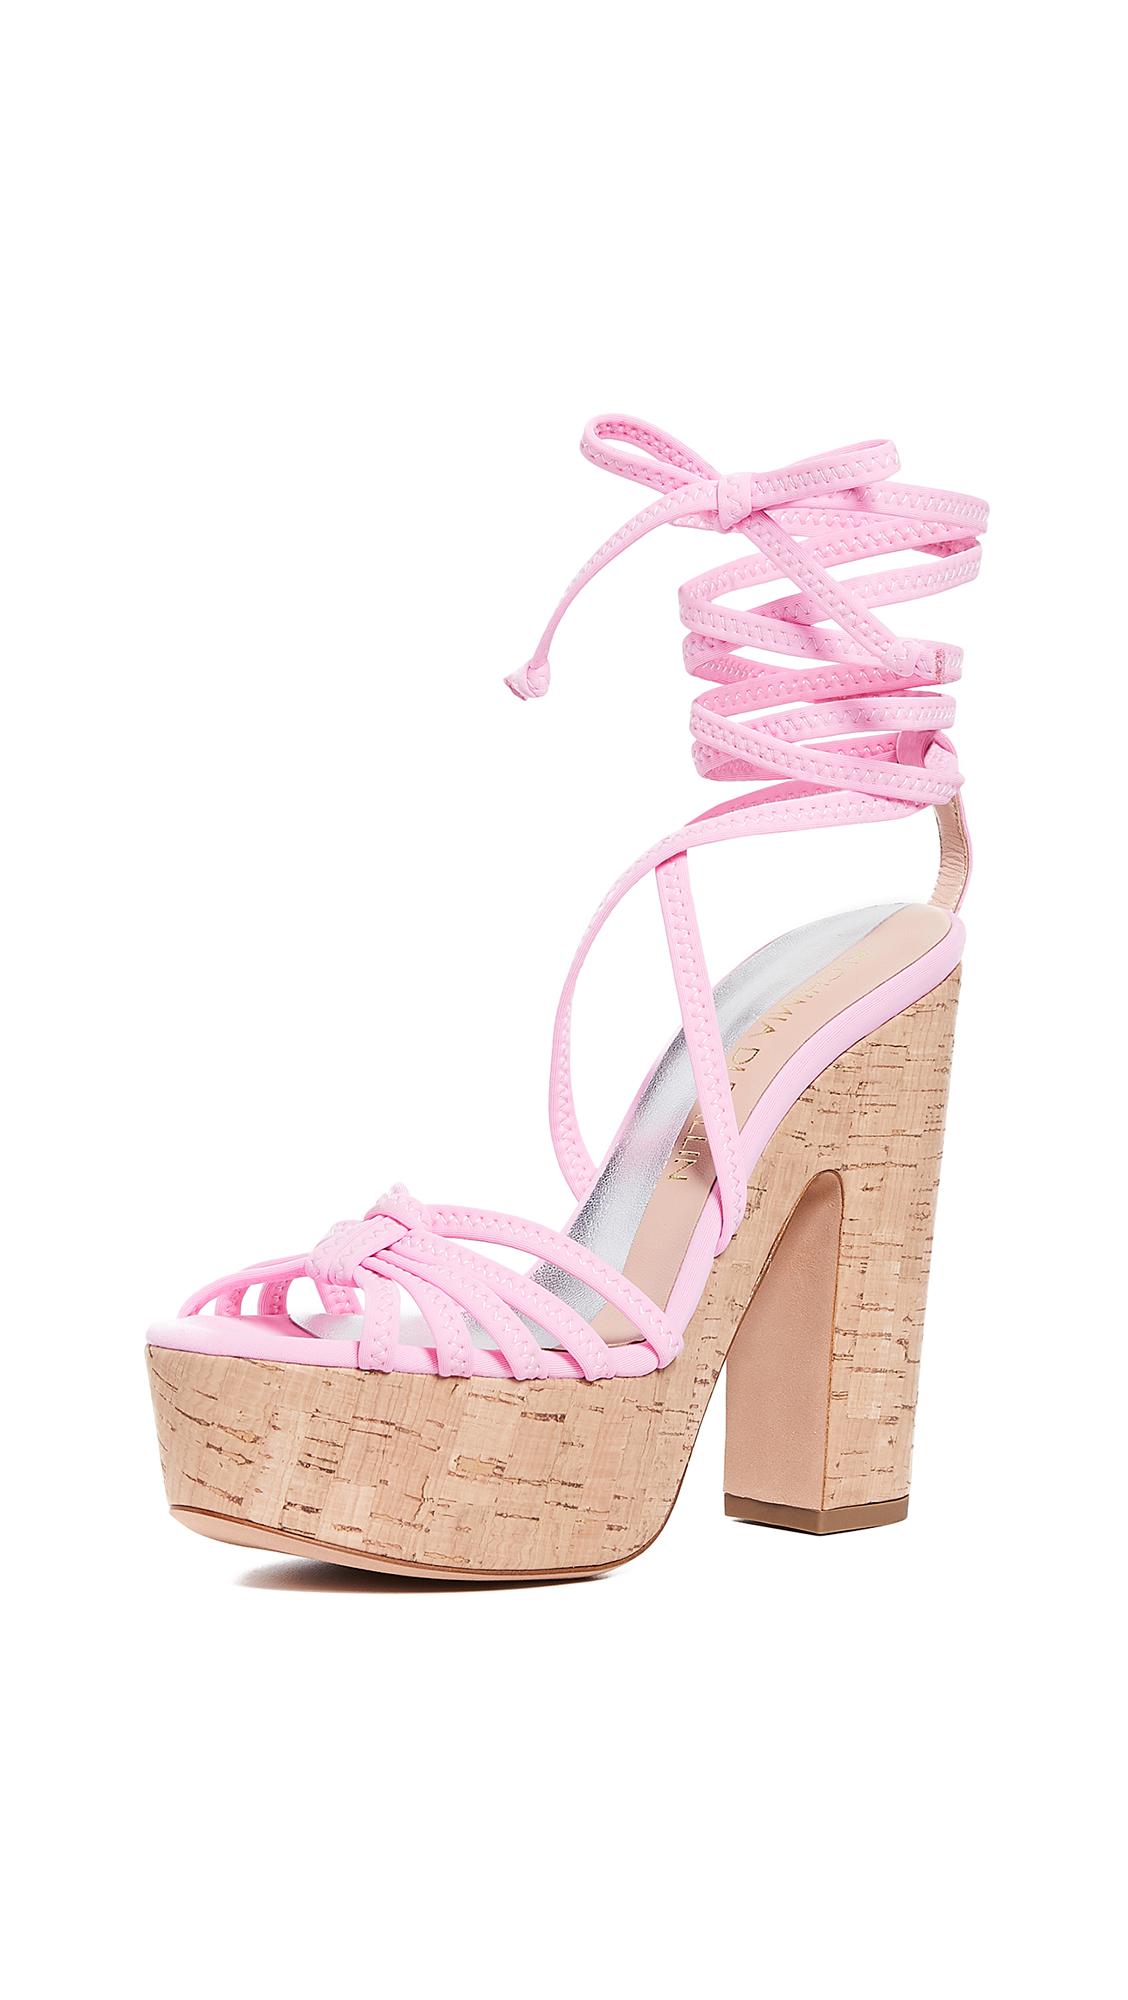 Alchimia di Ballin Bikini Platform Sandals - Barbie Pink